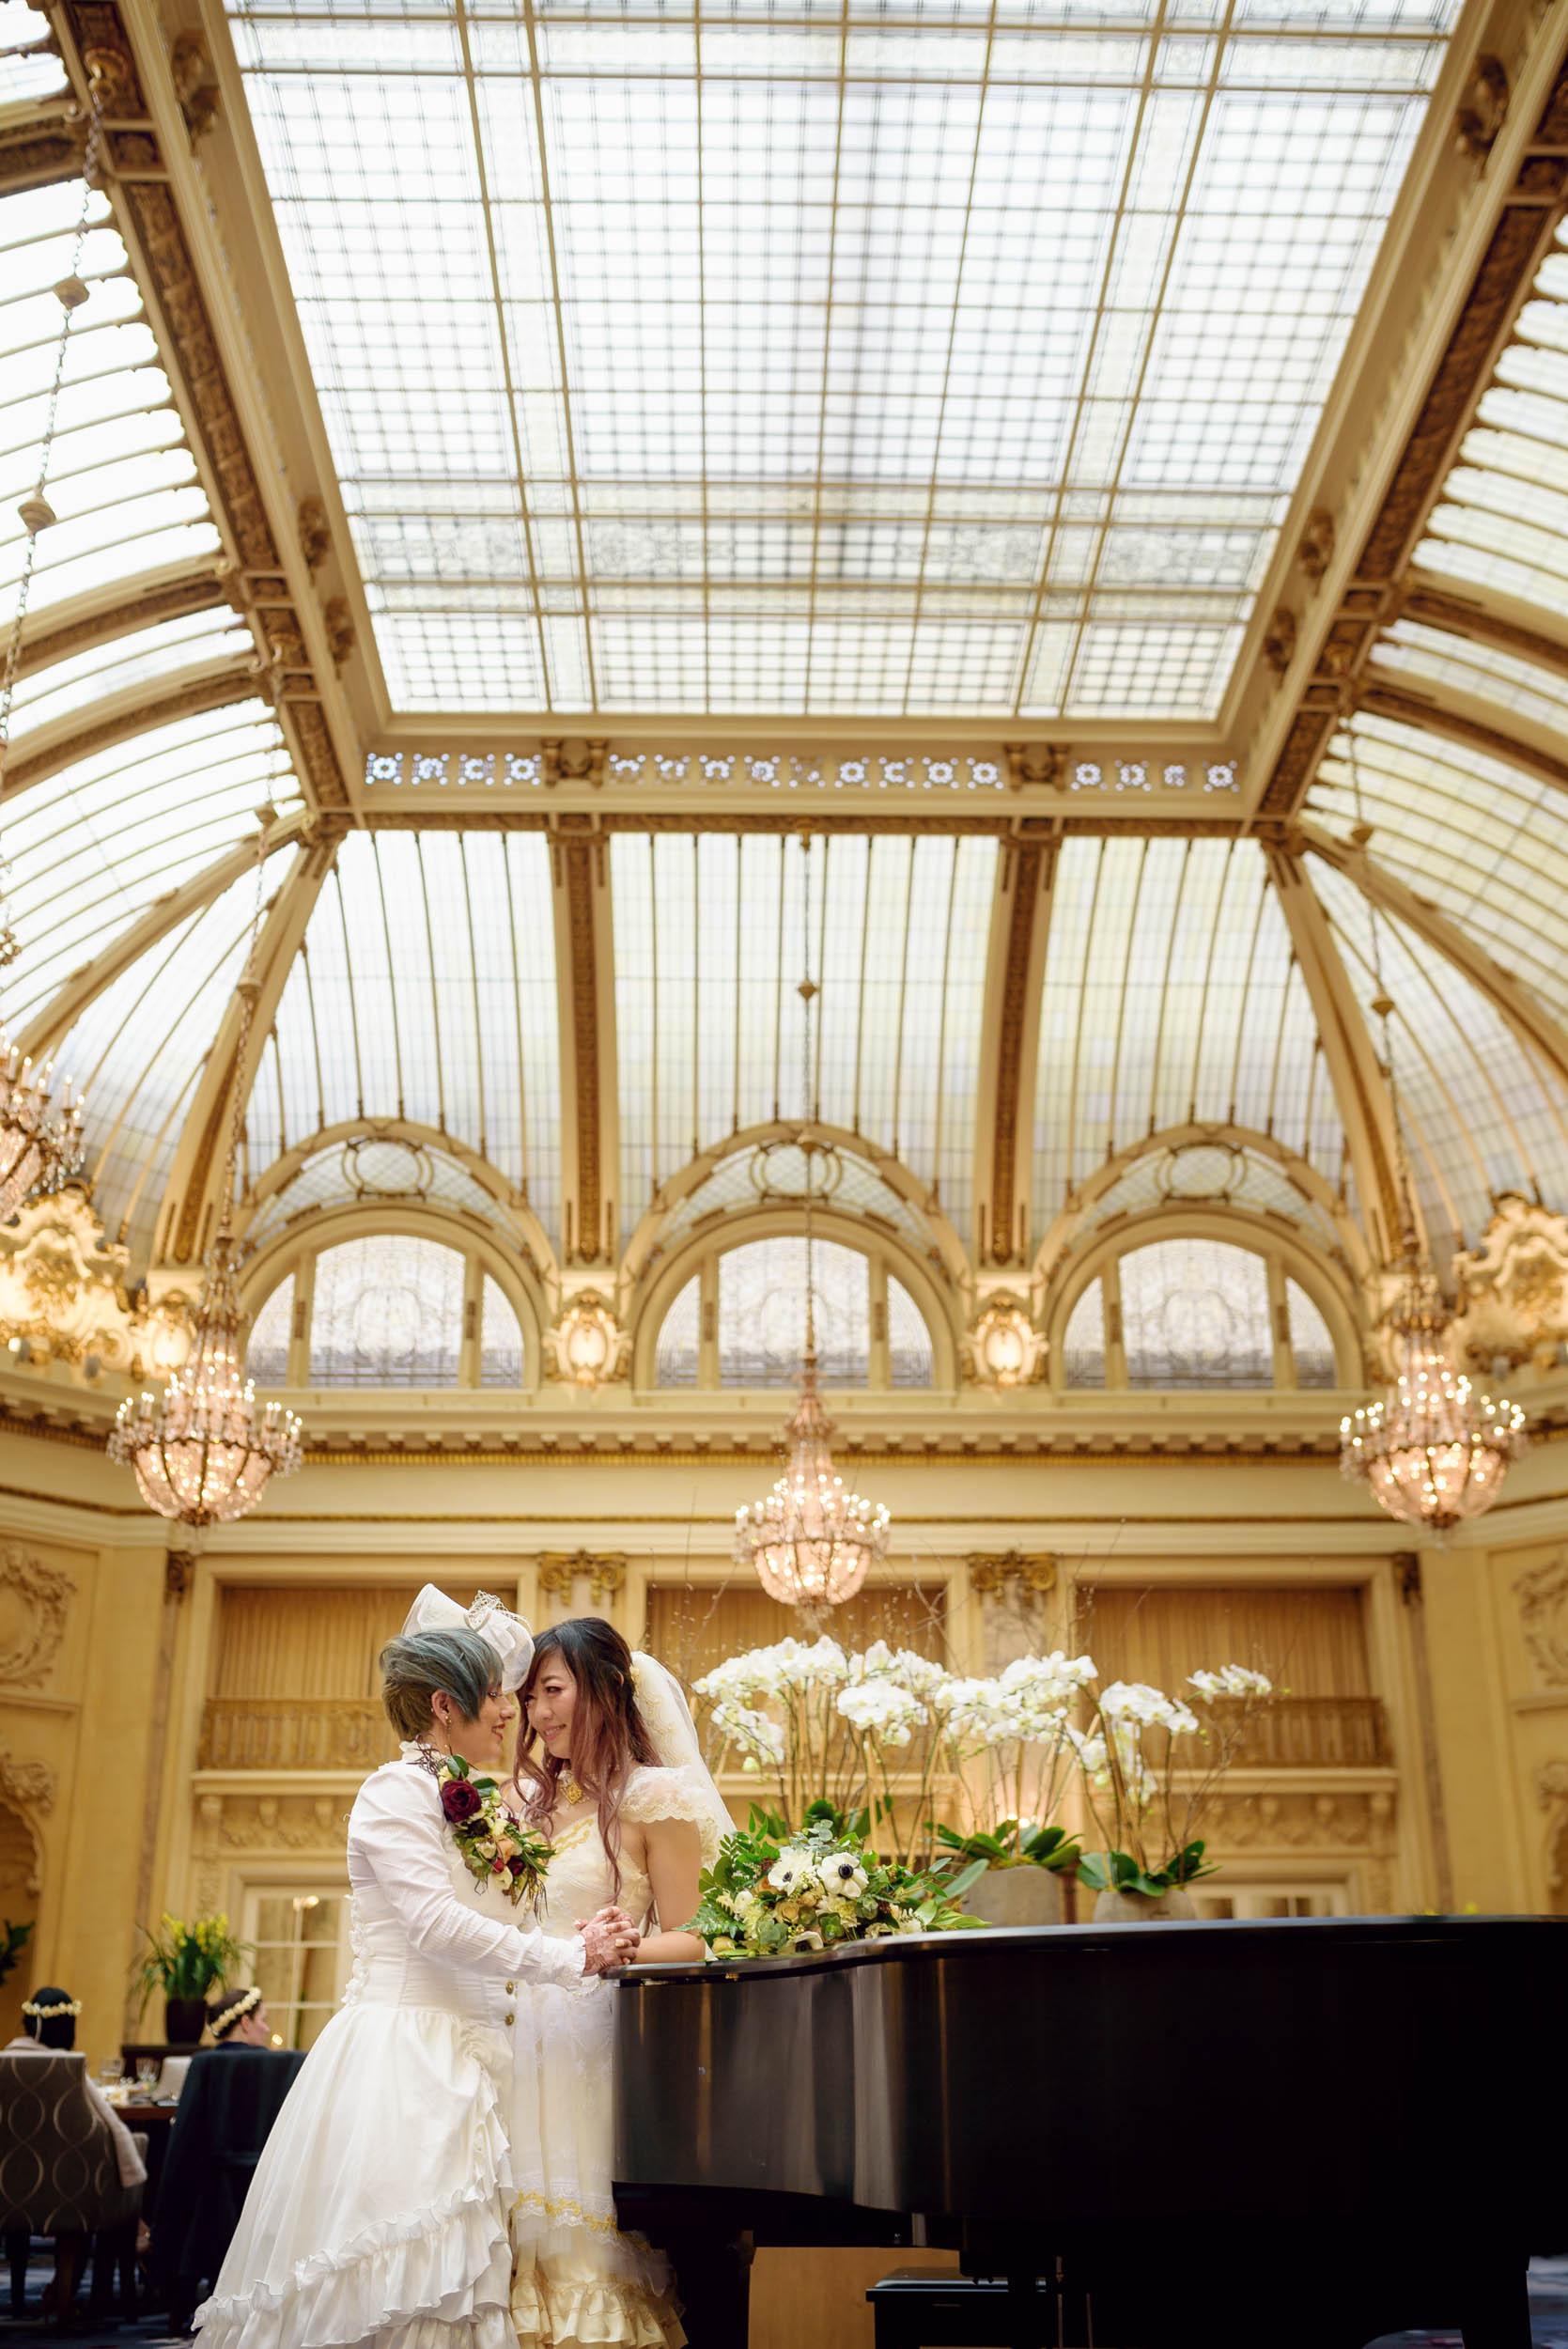 Chen_and_Shaf-WeddingDay-177.jpg